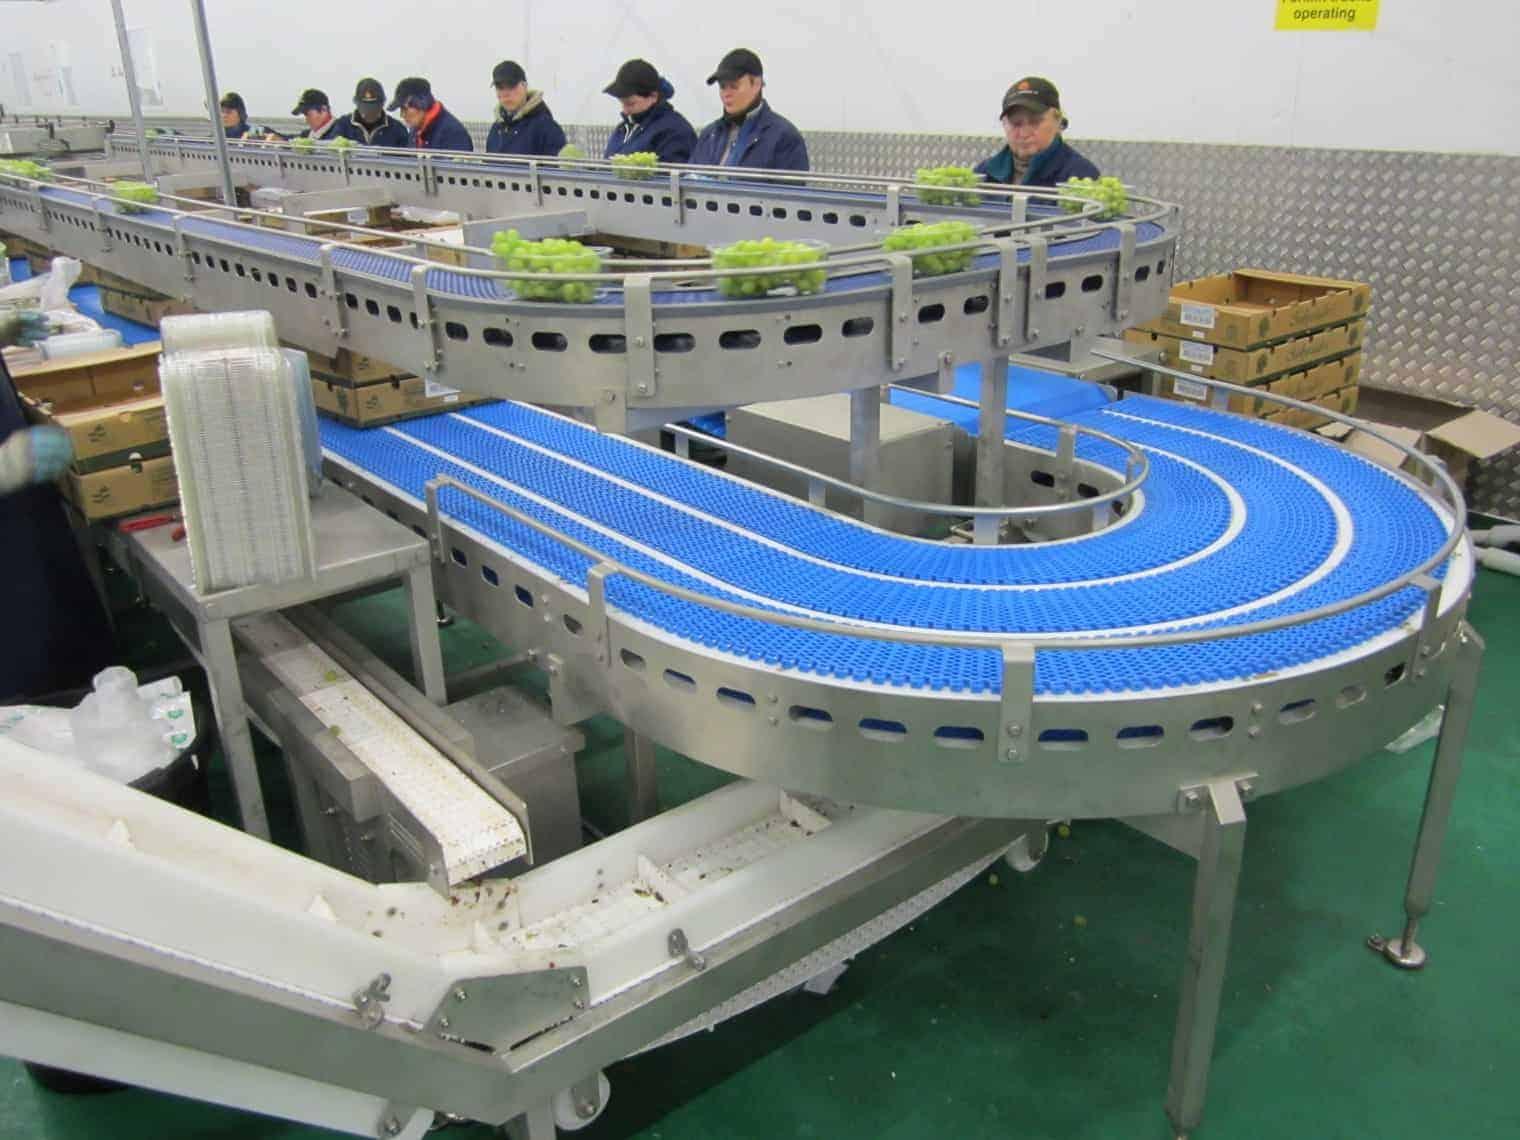 Stainless conveyor